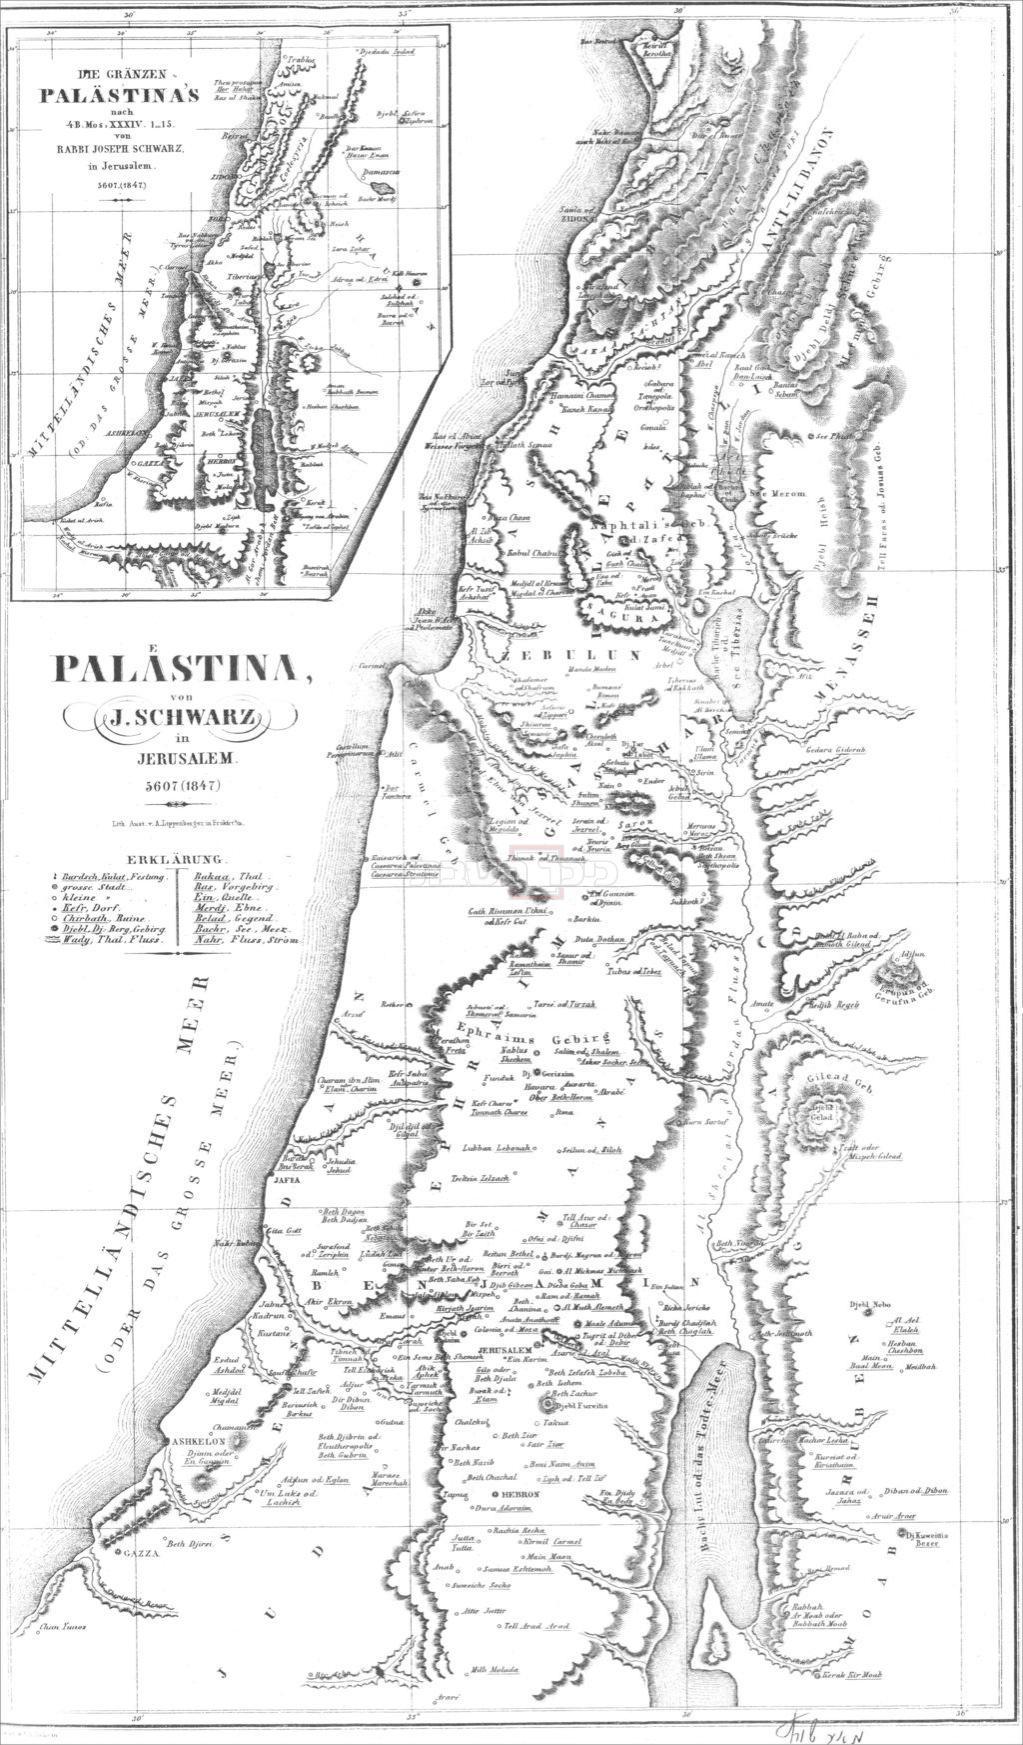 המפה שצייר הרב שוורץ (צילום: ויקיפדיה, מאת drawn by rabbi Joseph Schwarz, photographed by Effib)